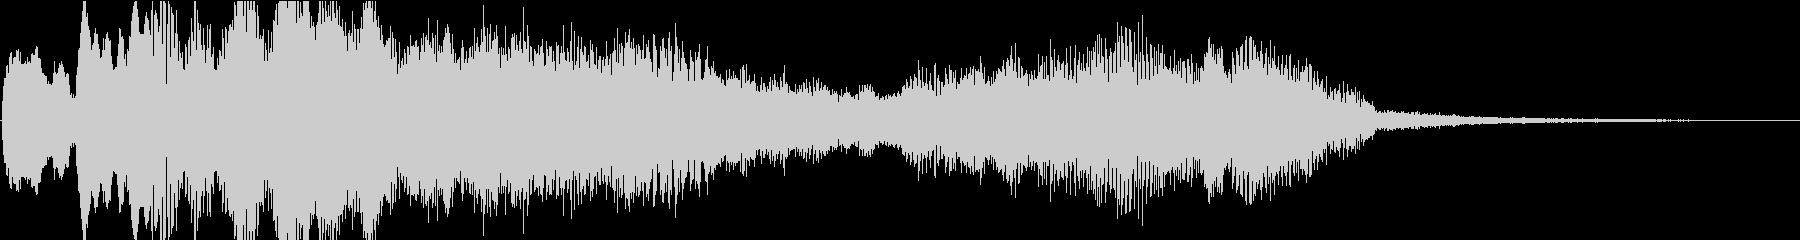 多用途な動画イン・アウトロ用ジングル2の未再生の波形